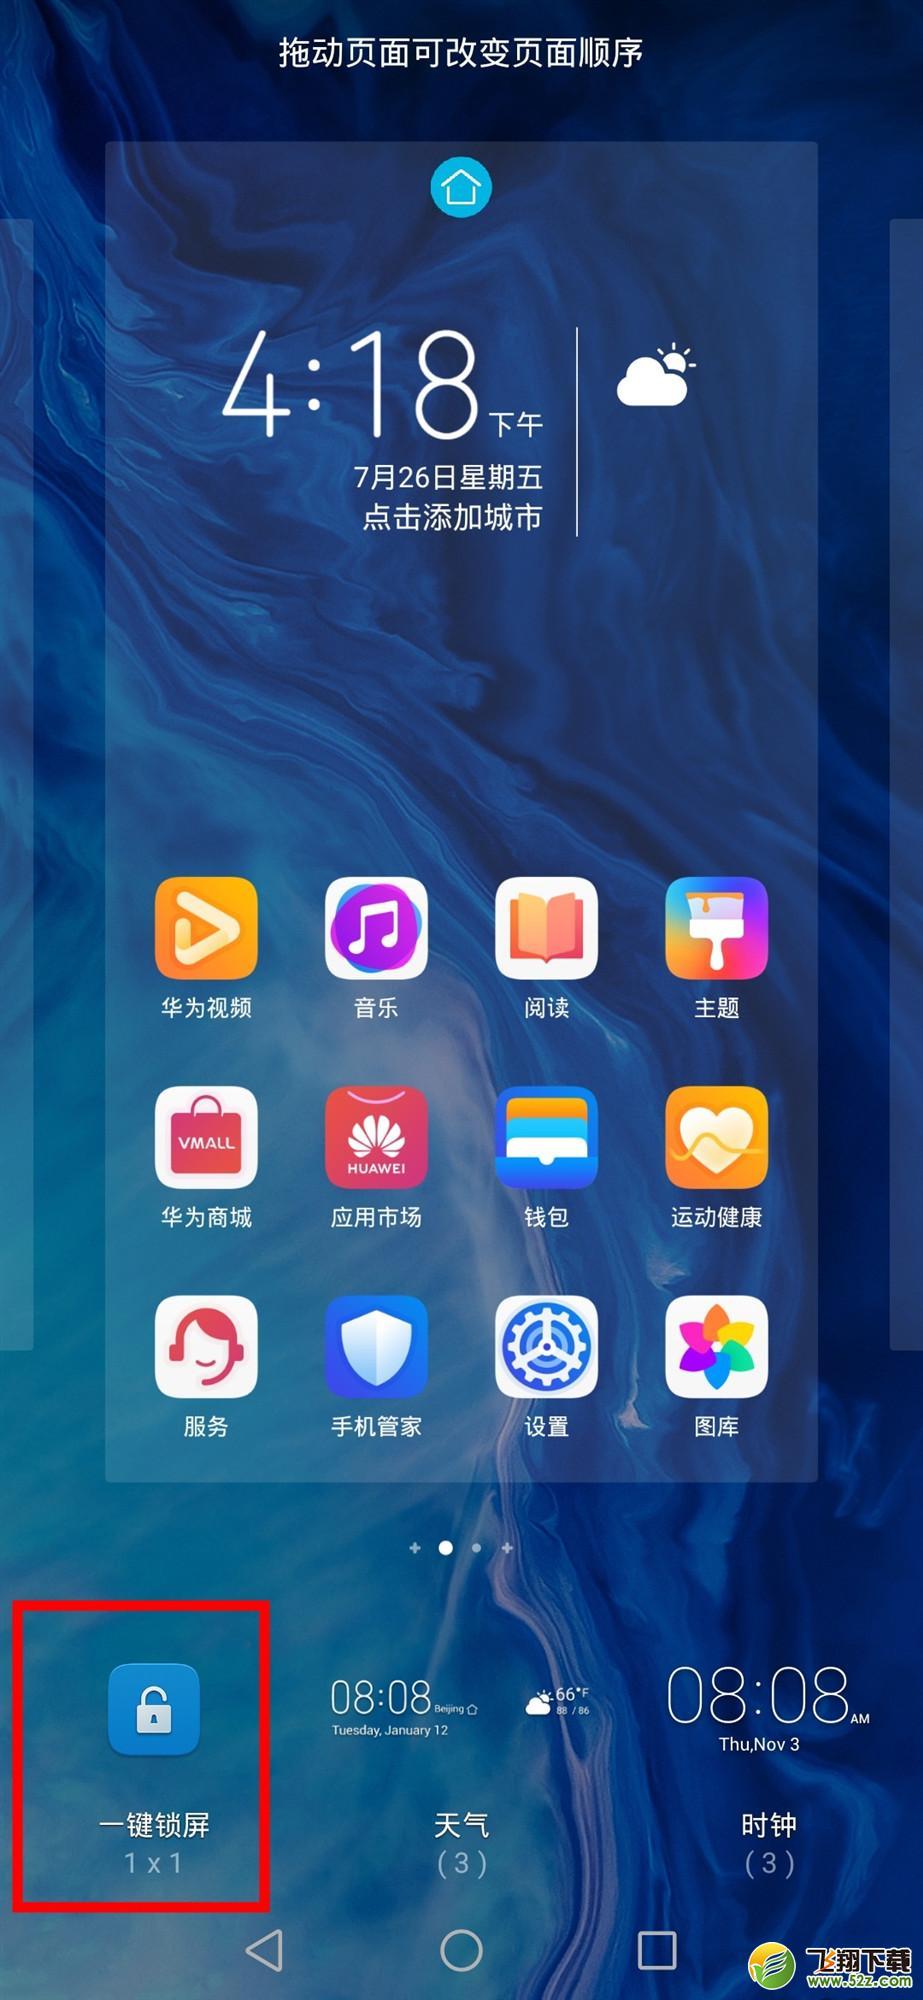 荣耀9xpro手机设置一键锁屏方法教程_52z.com